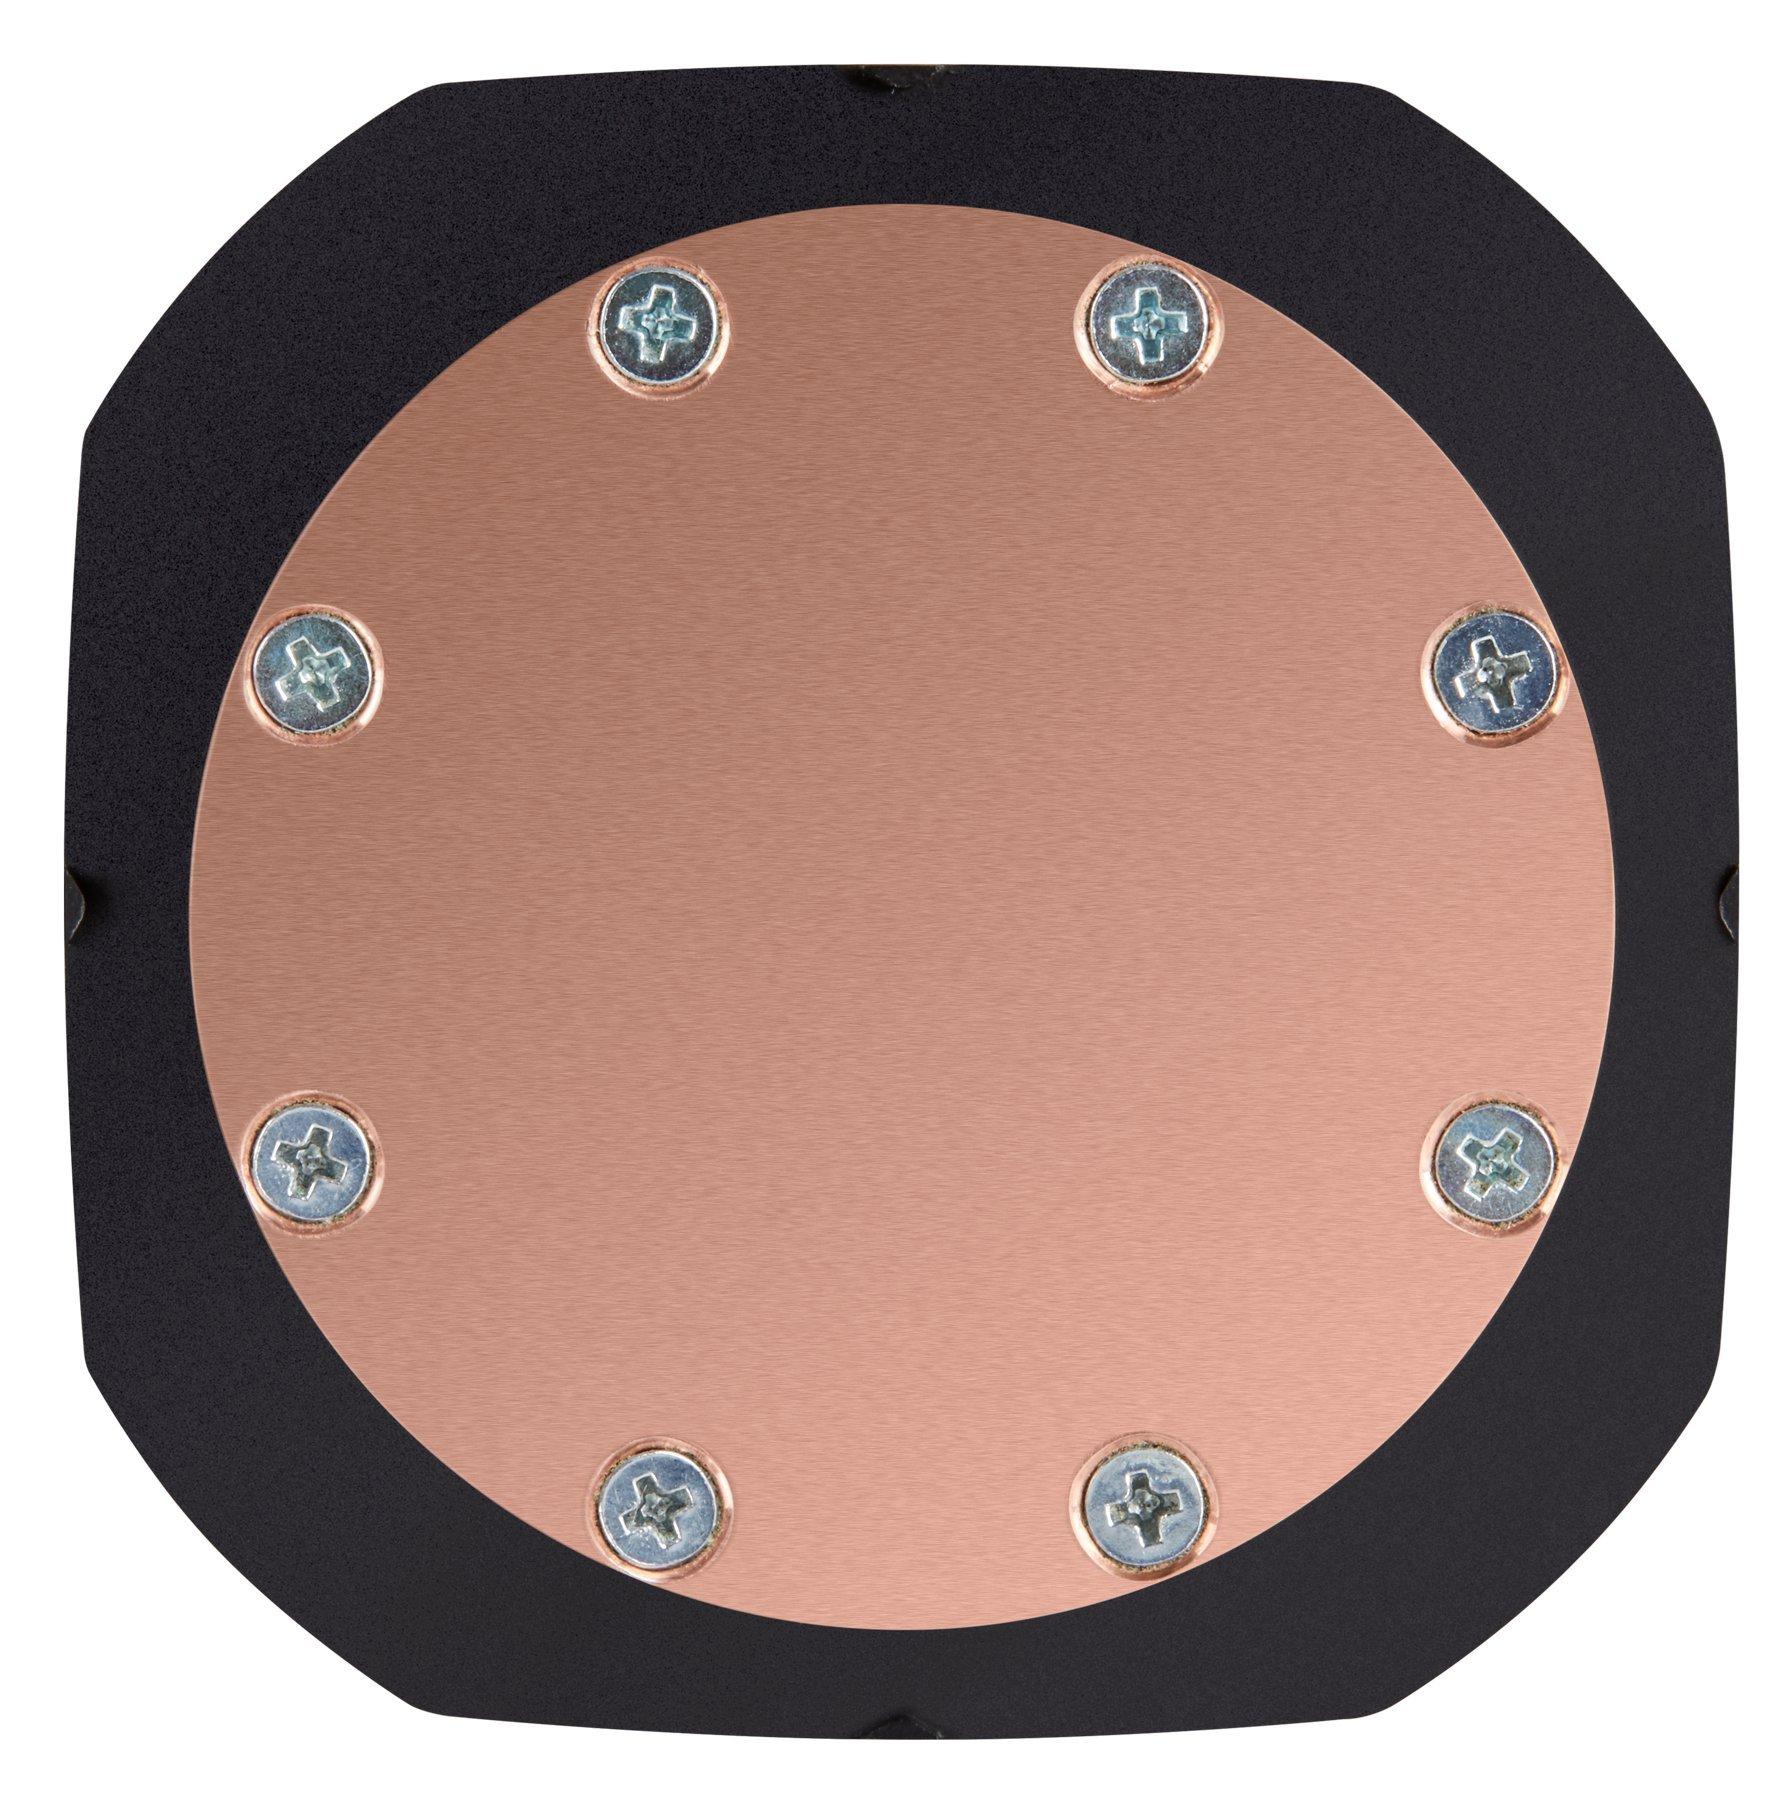 CORSAIR HYDRO Series H100i PRO RGB AIO Liquid CPU Cooler, 240mm, Dual ML120 PWM Fans, Intel 115x/2066, AMD AM4 by Corsair (Image #12)